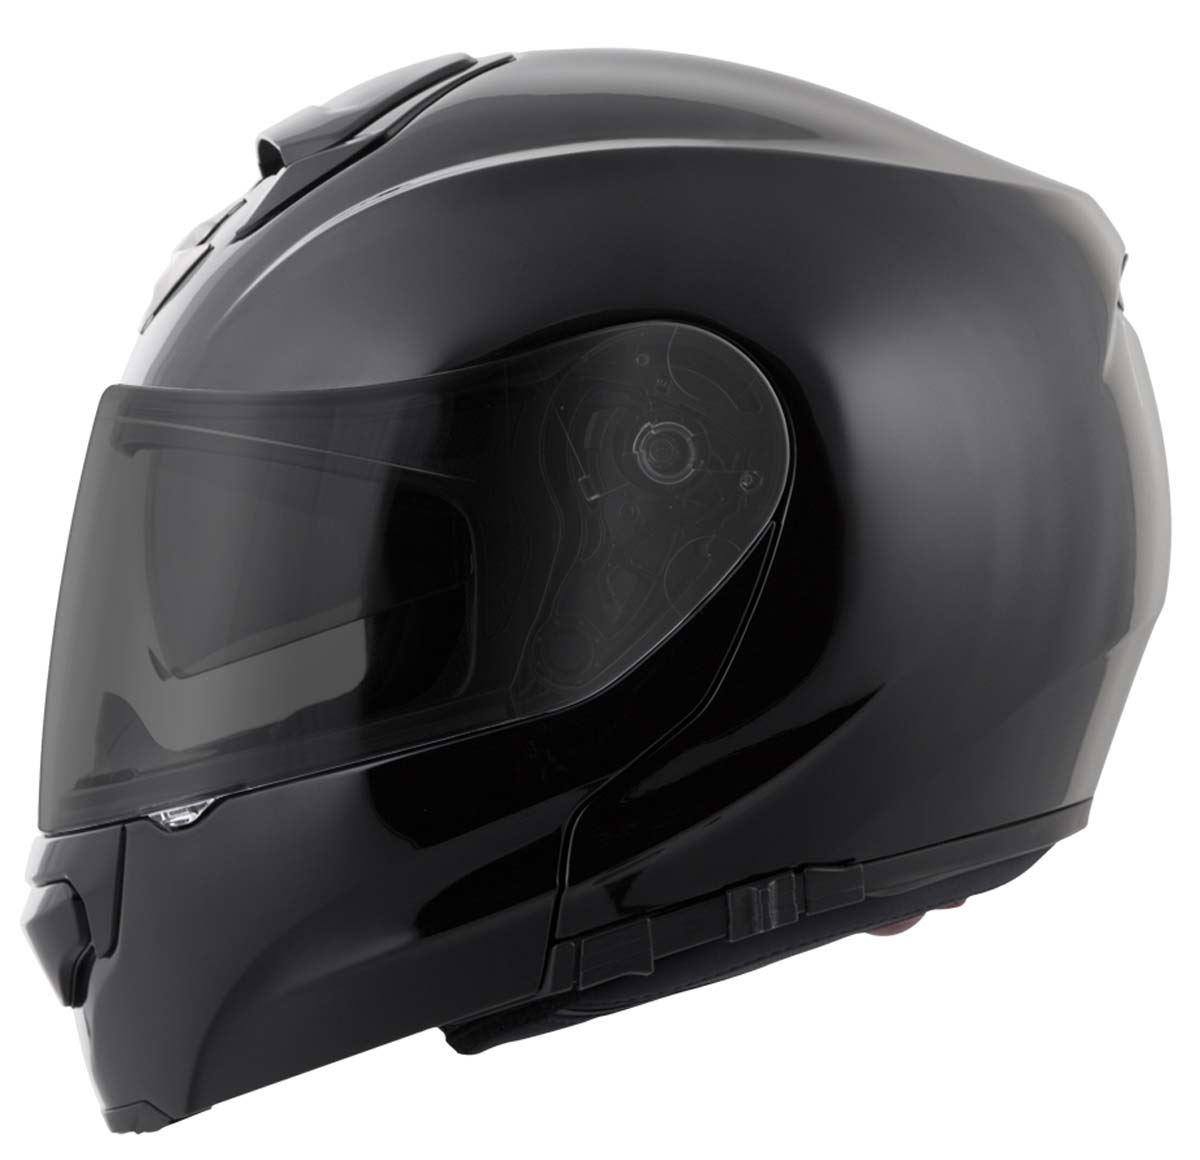 Scorpion-EXO-GT3000-Helmet-Modular-Flip-Up-Premium-DOT-Approved-XS-2XL miniature 9